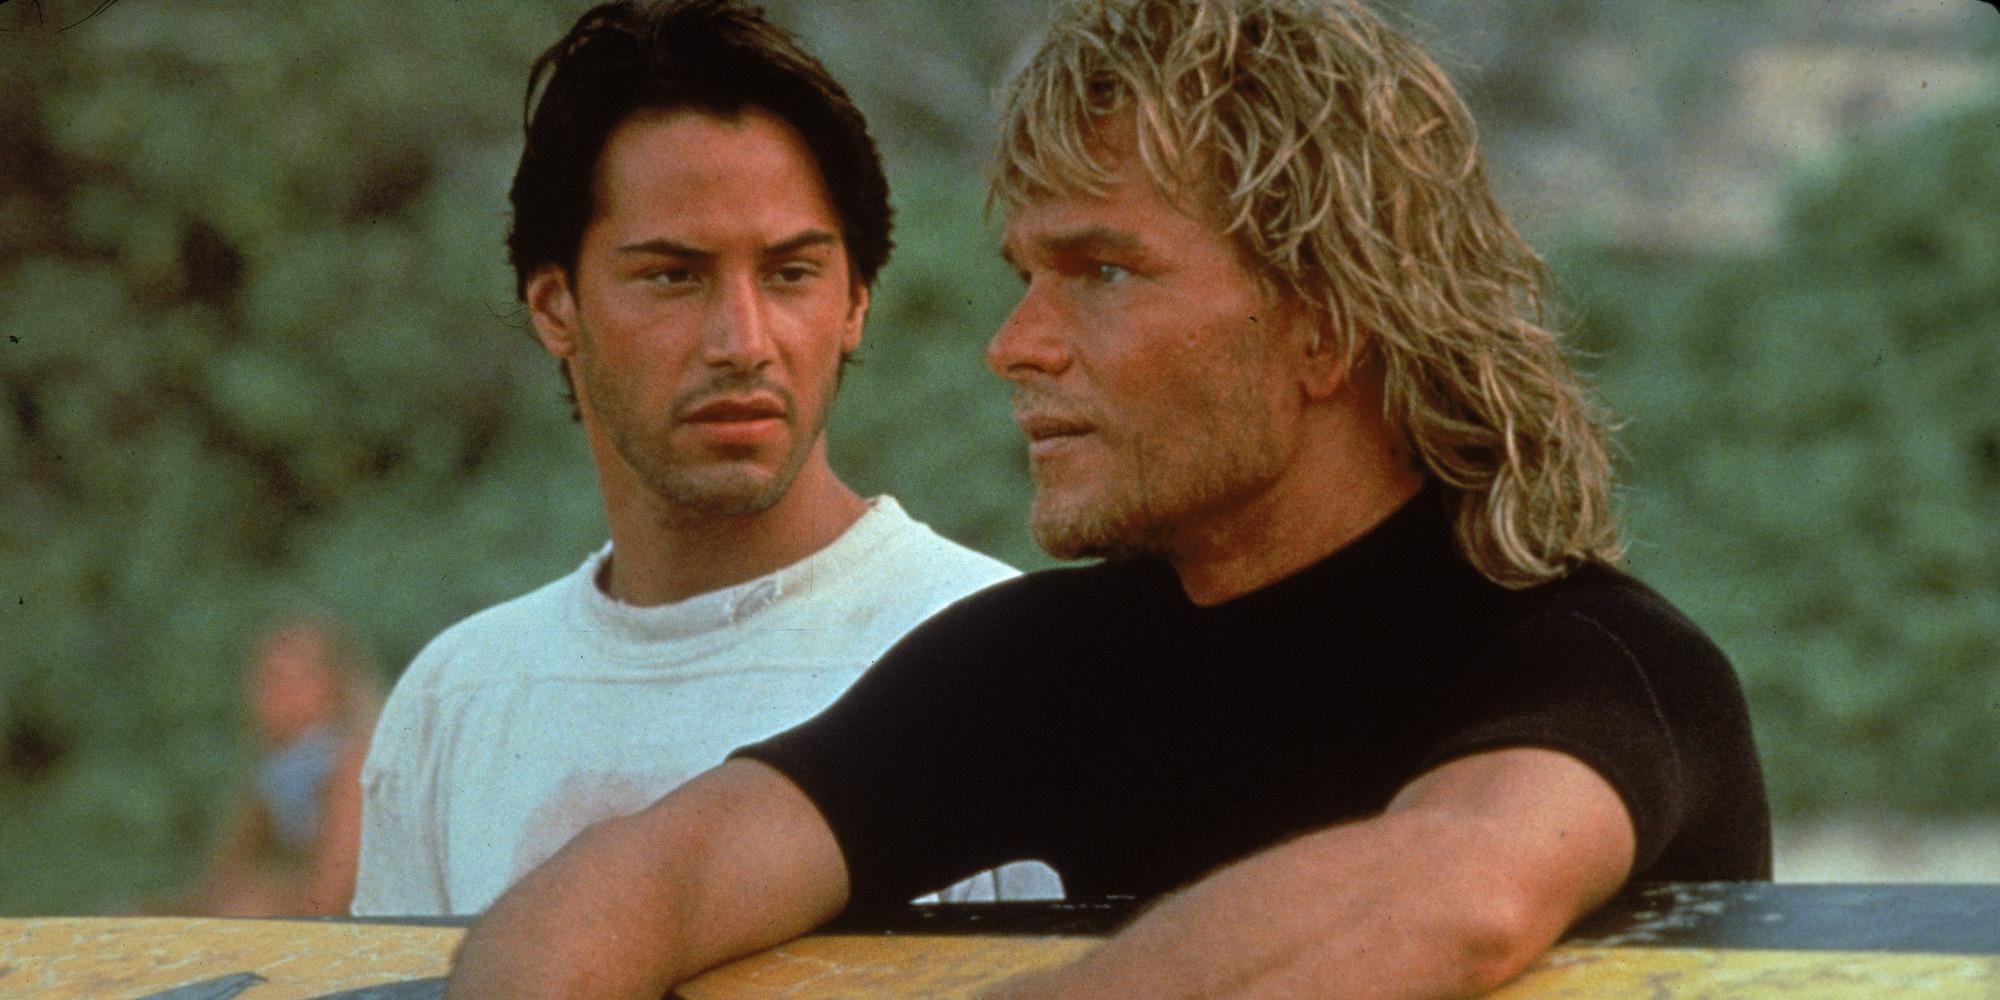 Reeves & Swayze In 'Point Break'